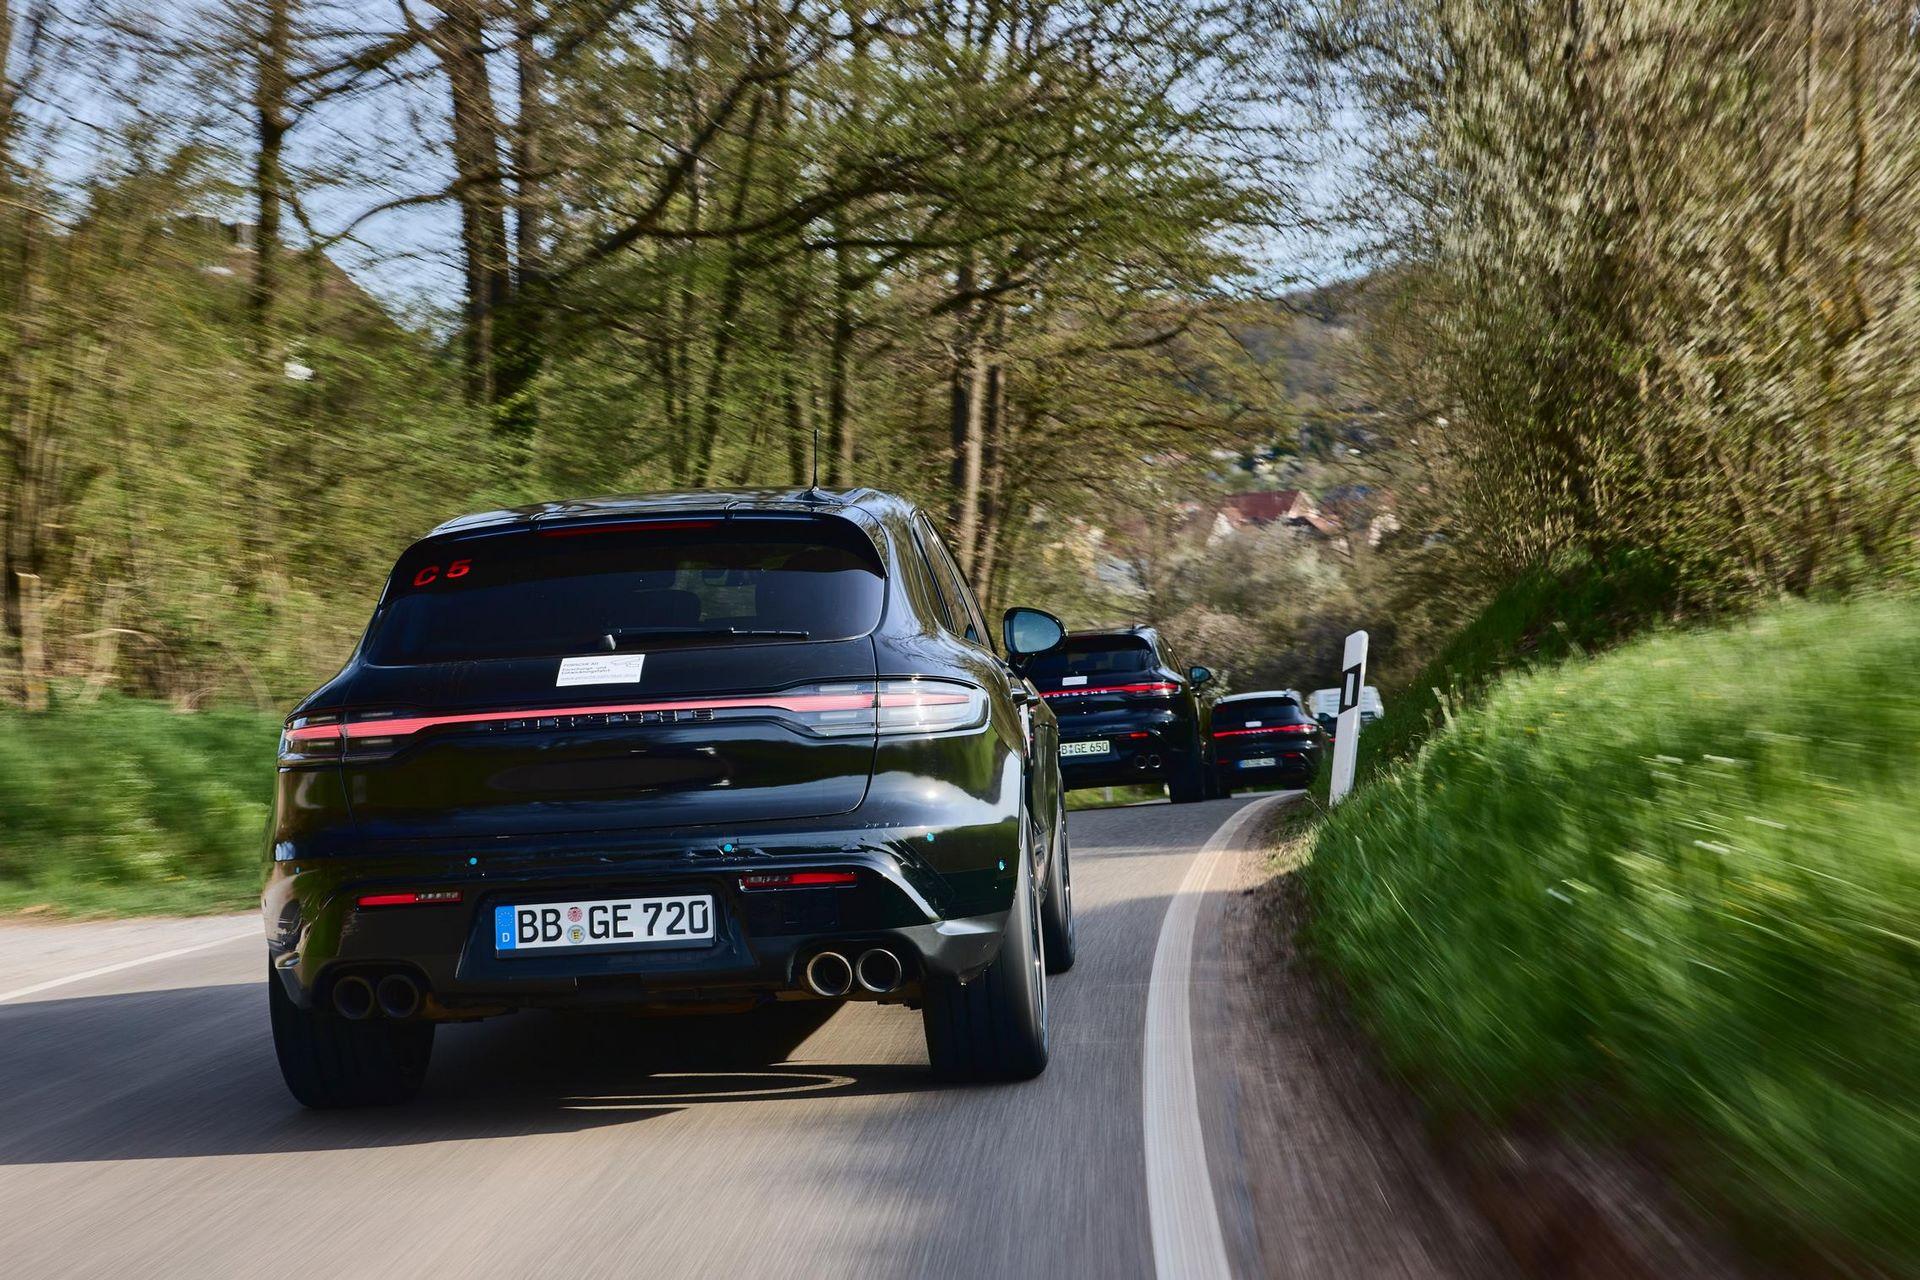 Porsche-Macan-facelift-testing-5